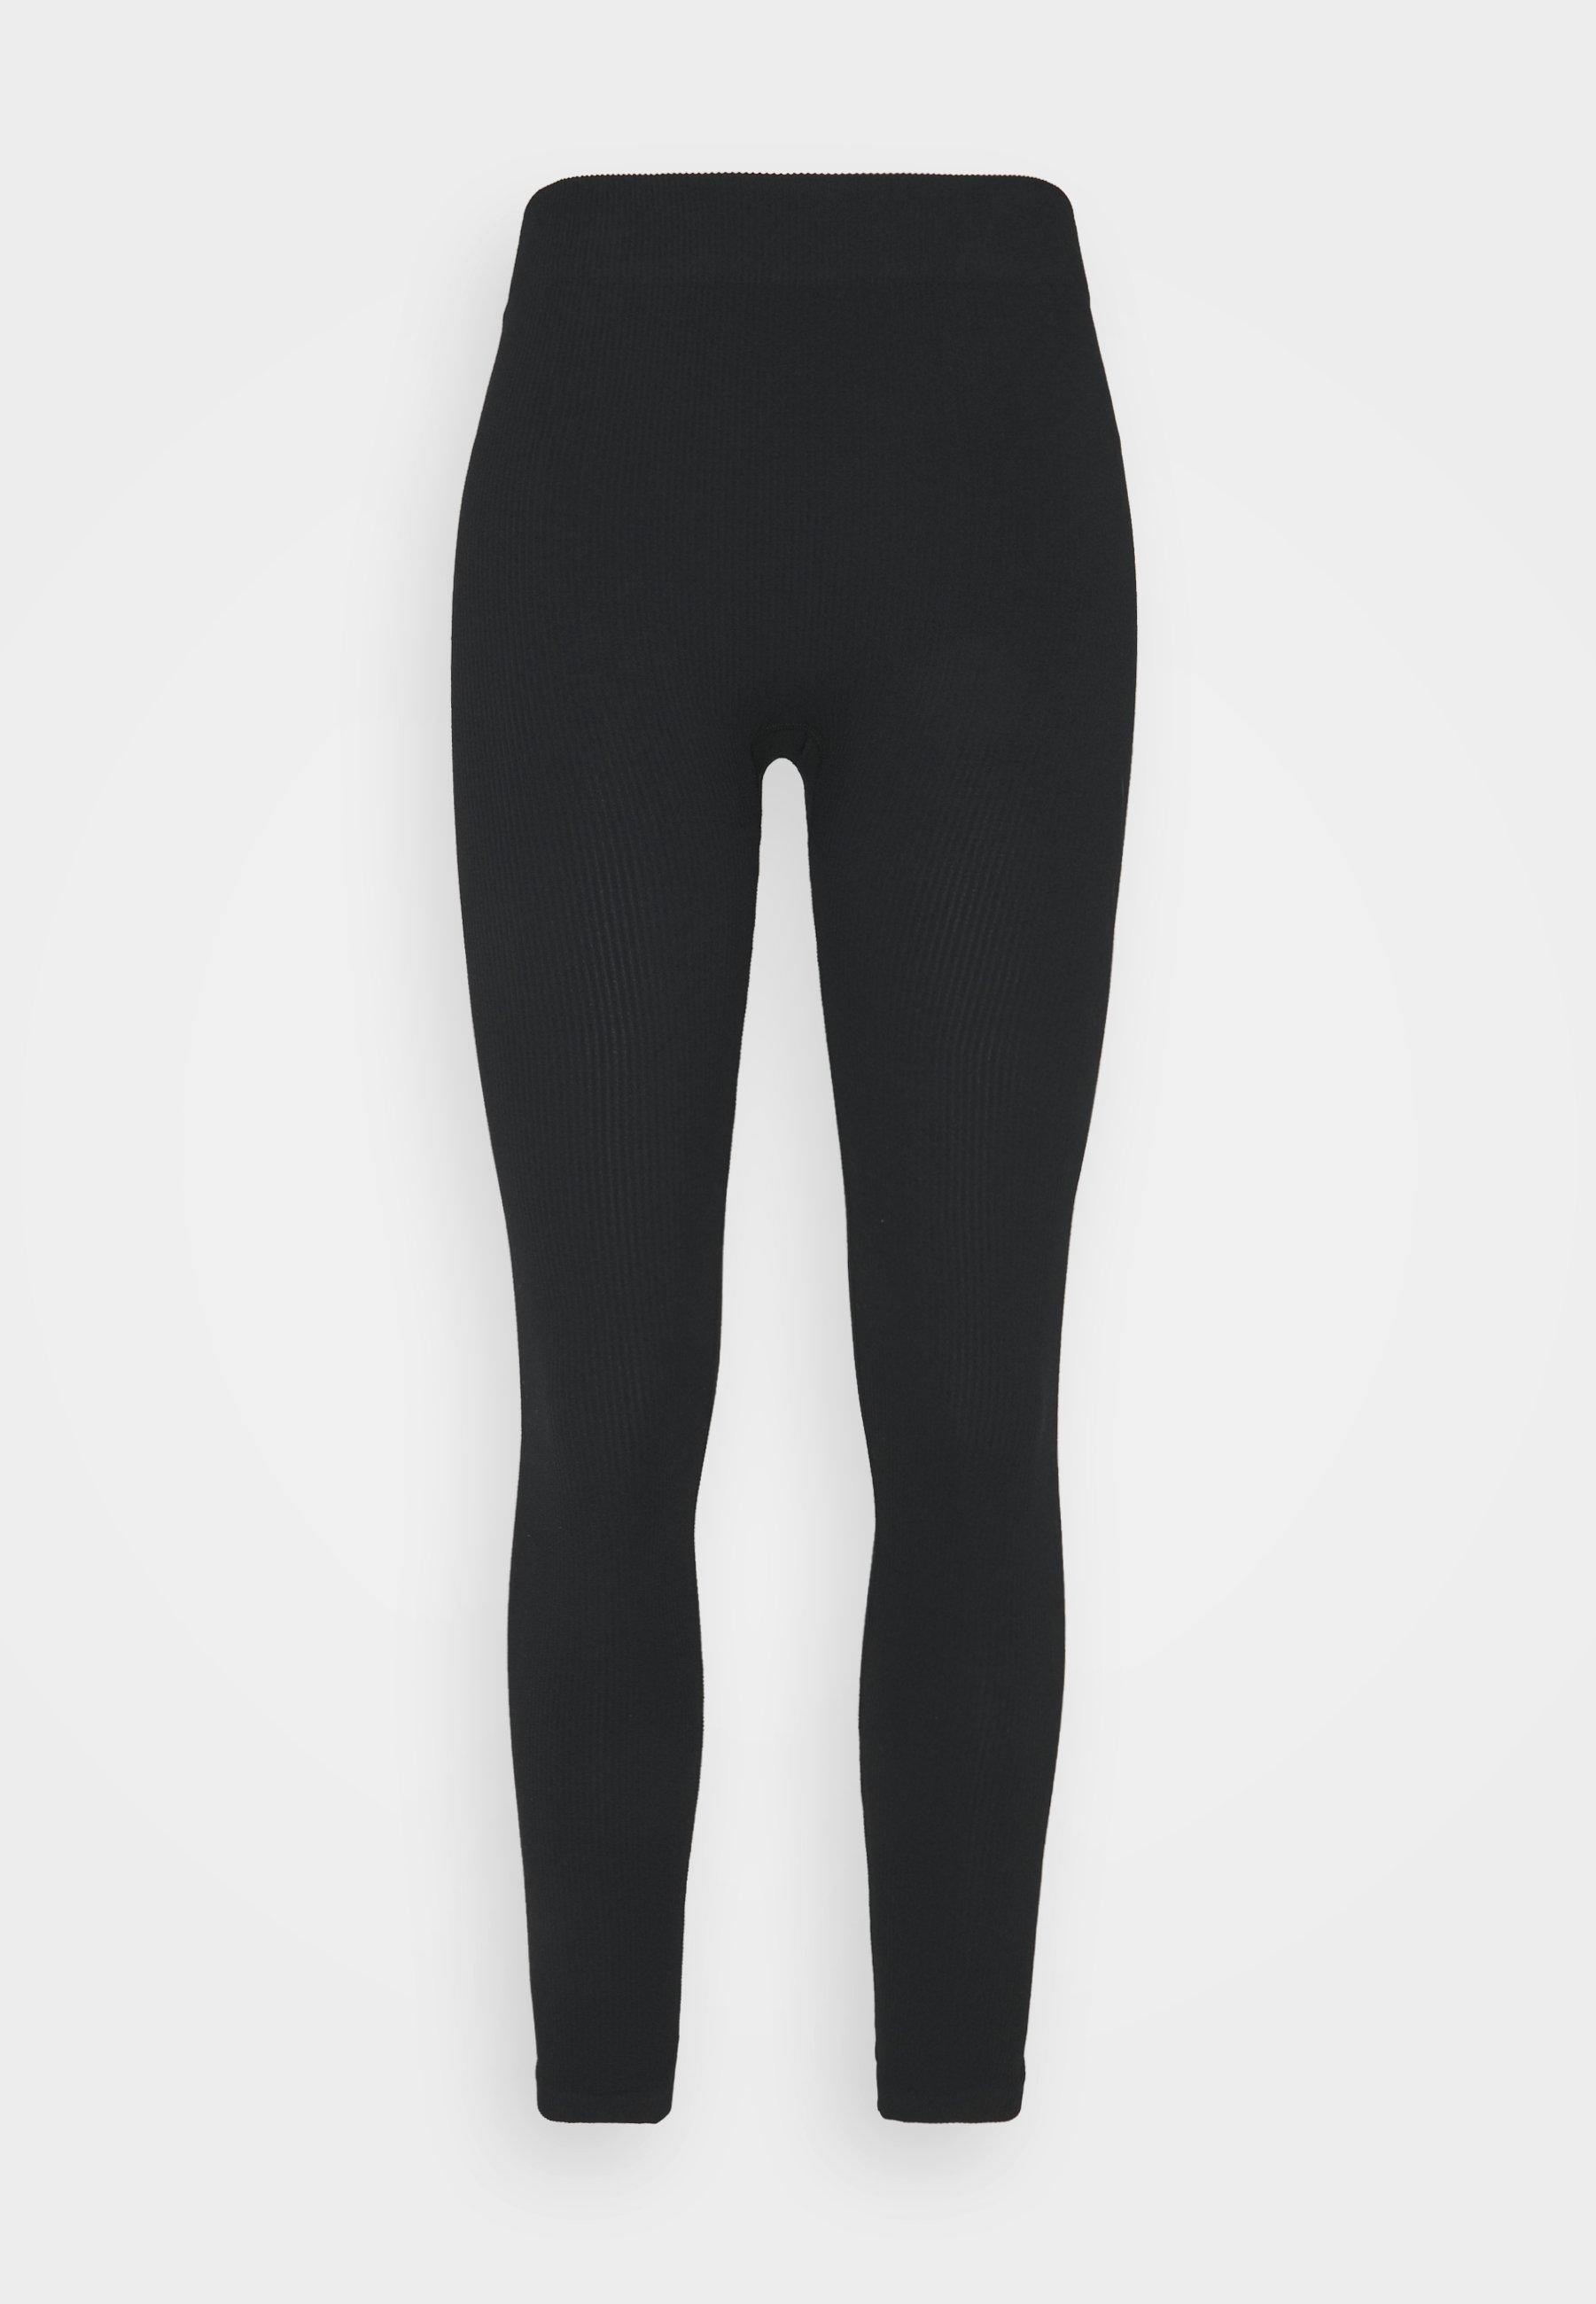 Women VMEVE - Leggings - Stockings